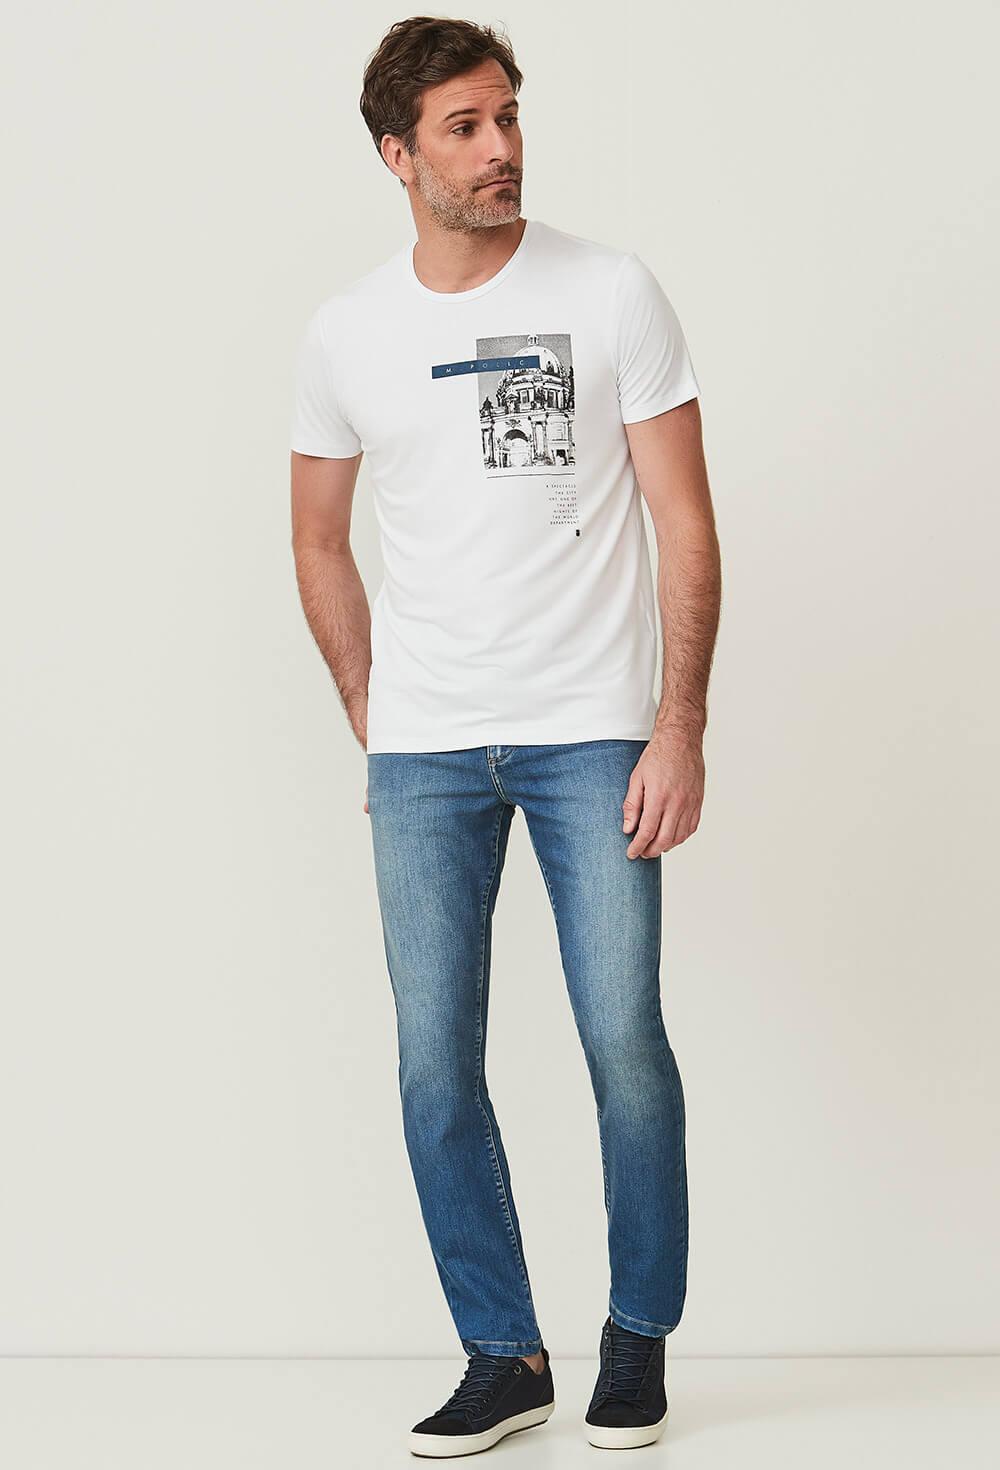 Camiseta Slim Manga Curta Vis Up Spectacle - M.POLLO